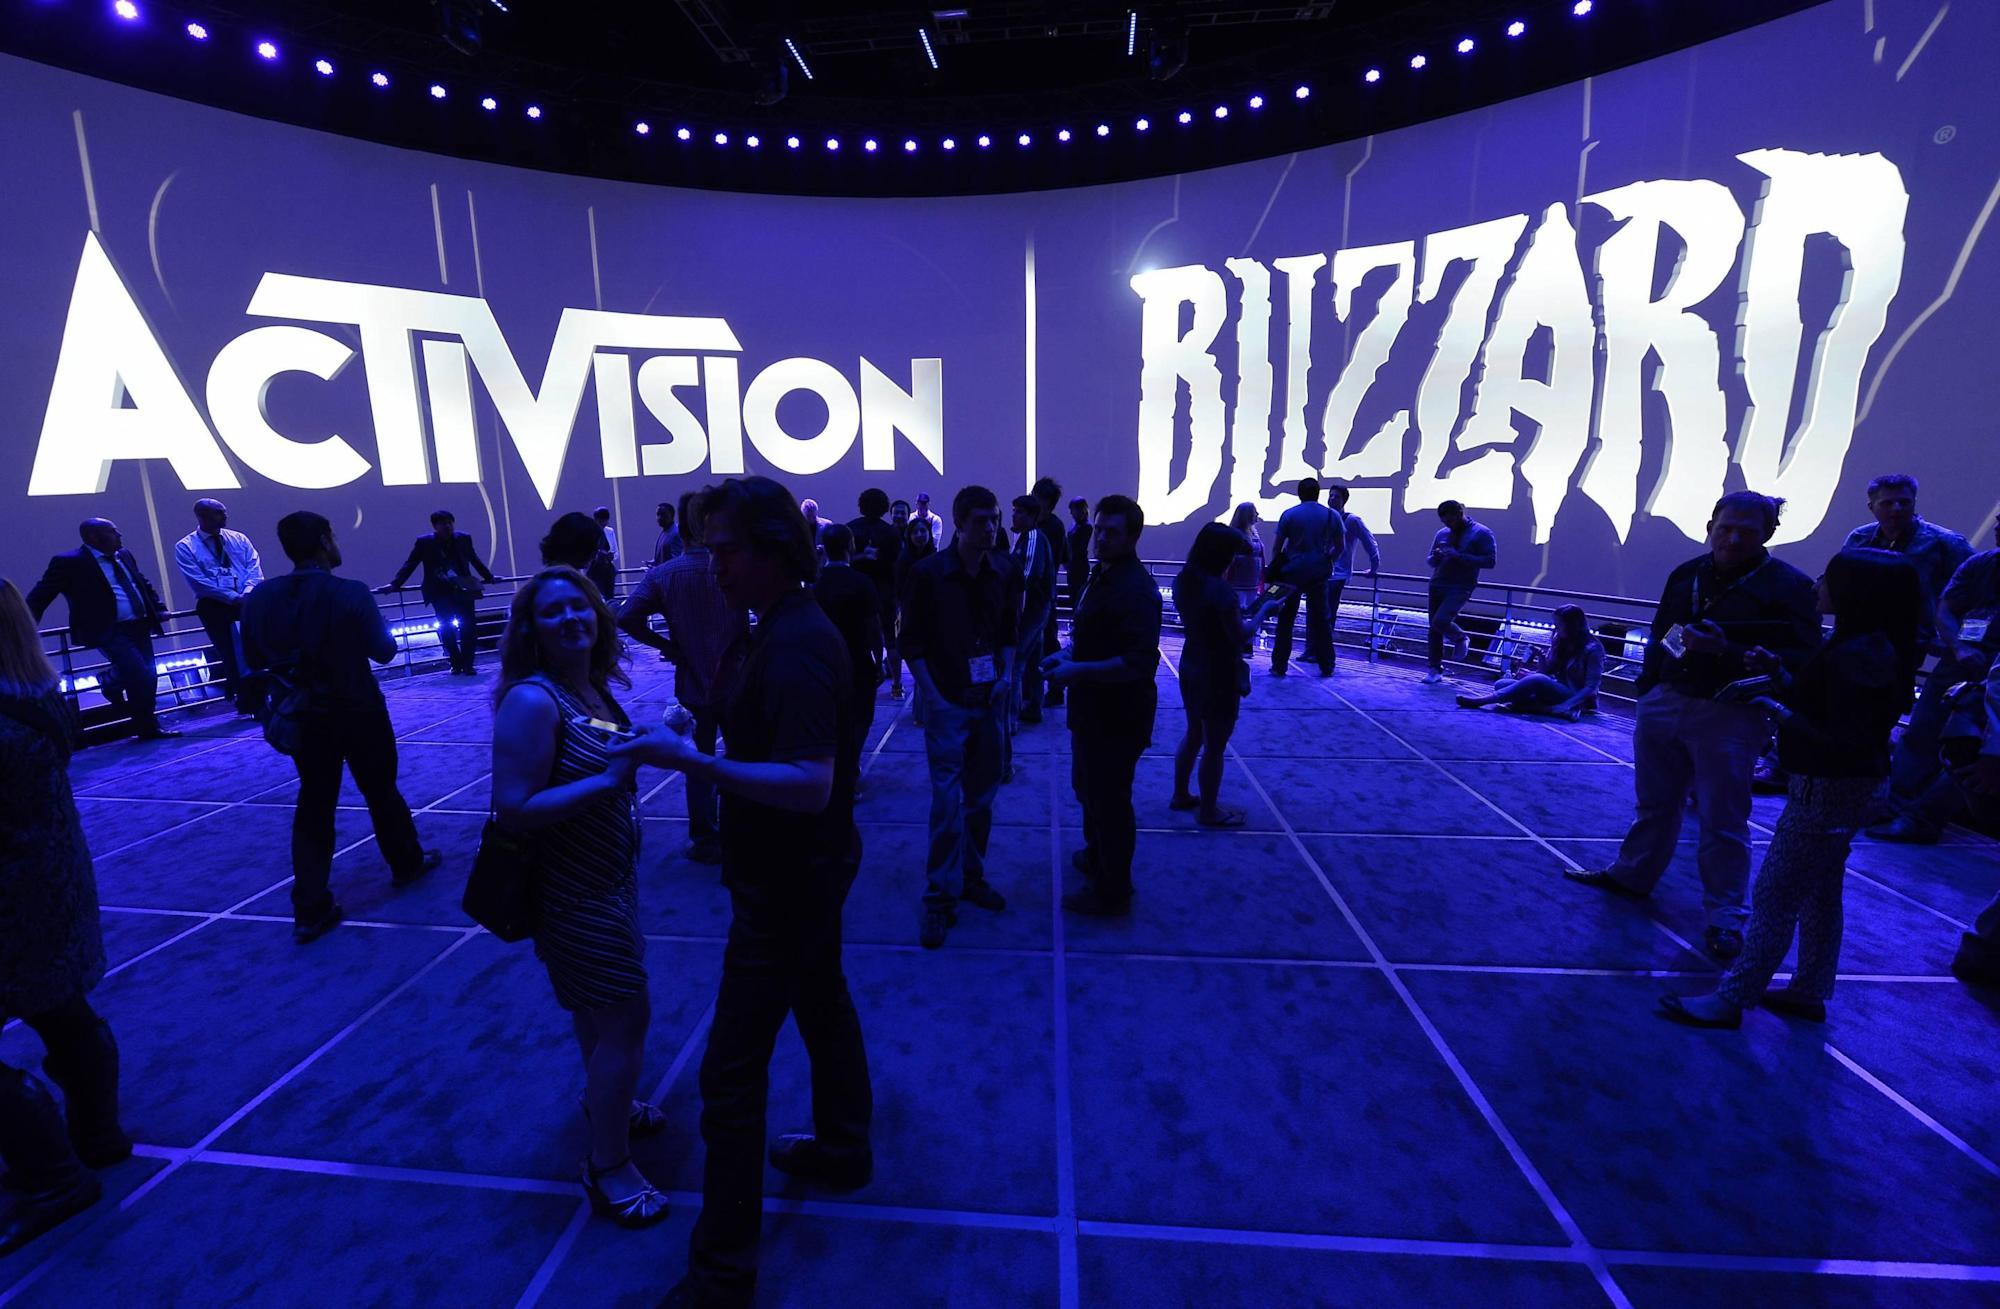 Власти Калифорнии подали в суд на Activision Blizzard за домогательства и дискриминацию женщин